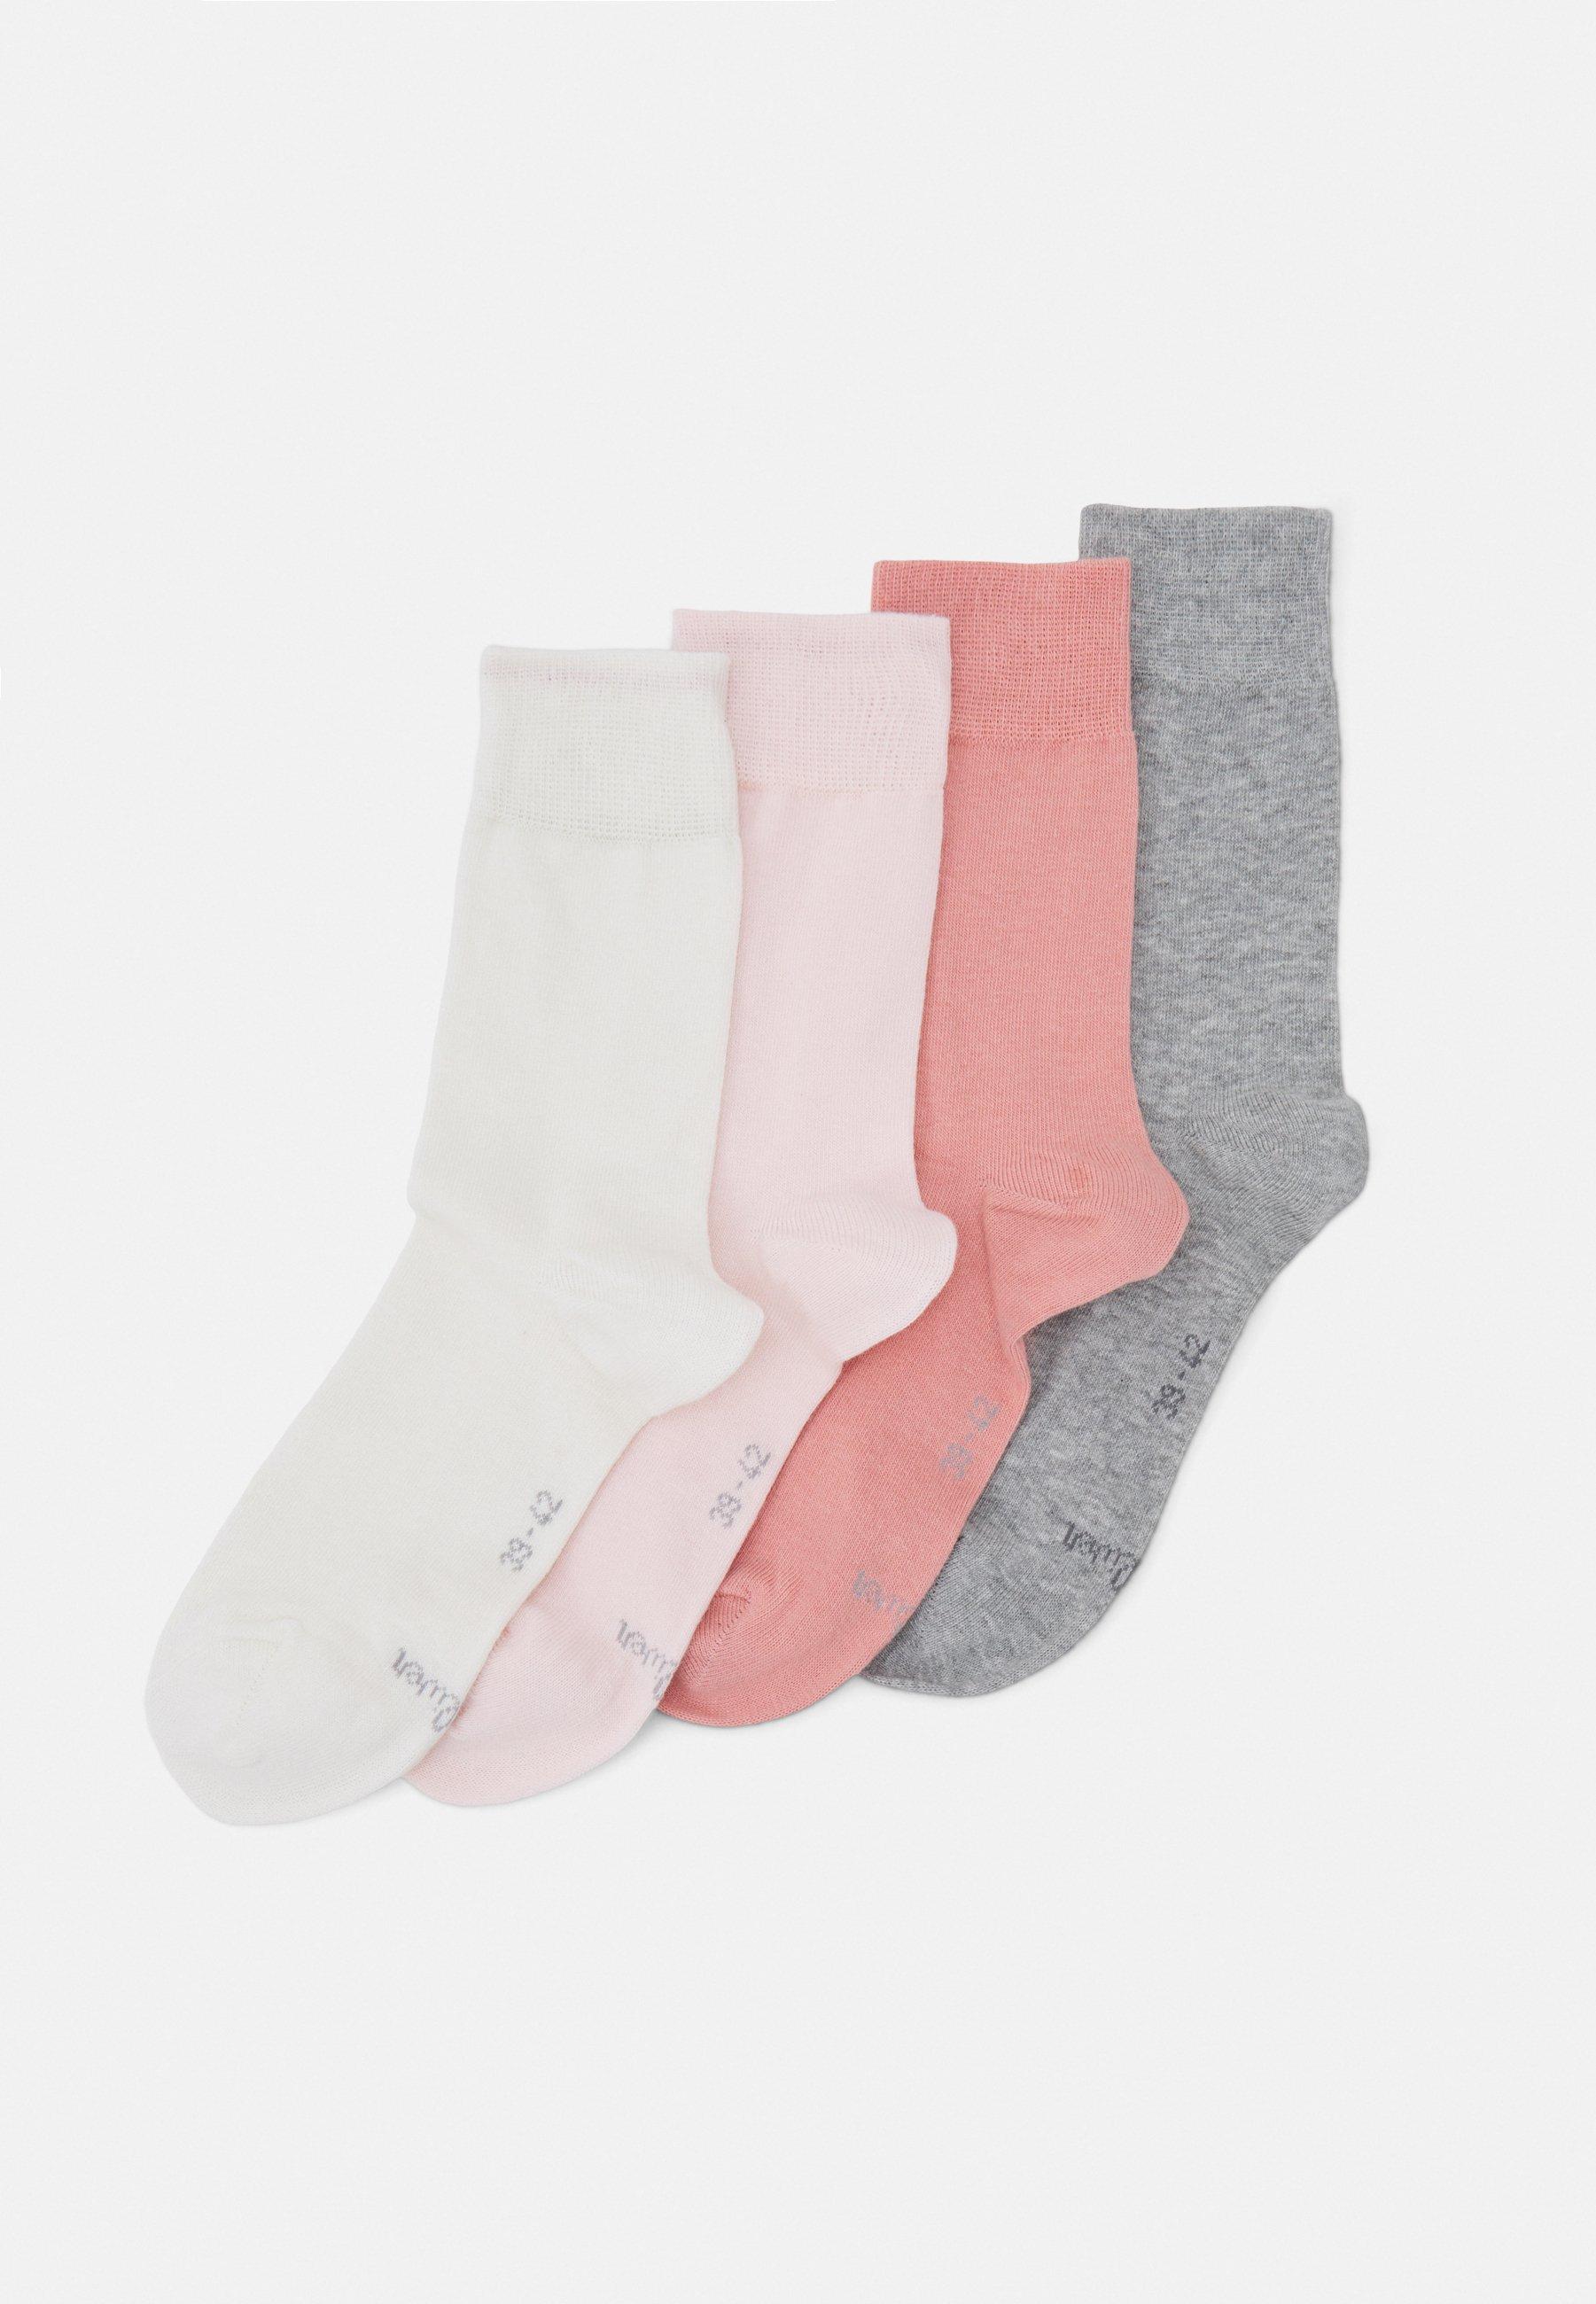 Women ONLINE ESSENTIAL SOCKS  UNISEX 8 PACK - Socks - rose